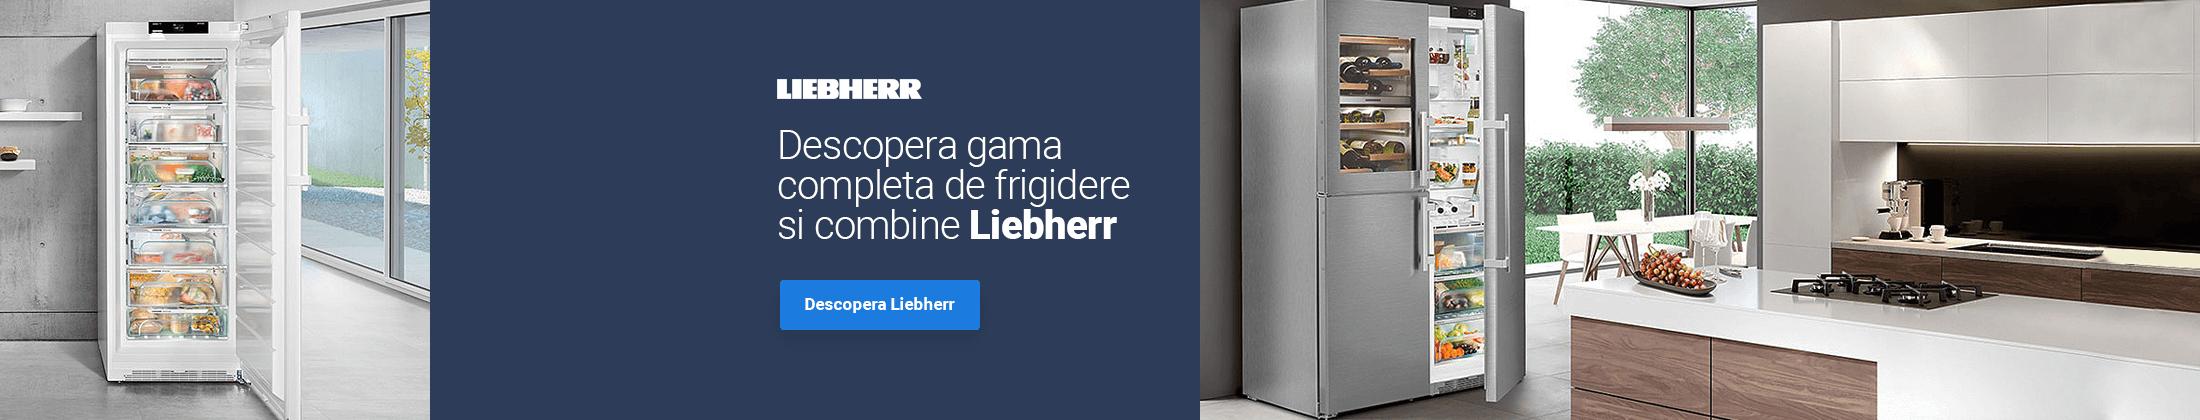 Frigorifice Liebherr